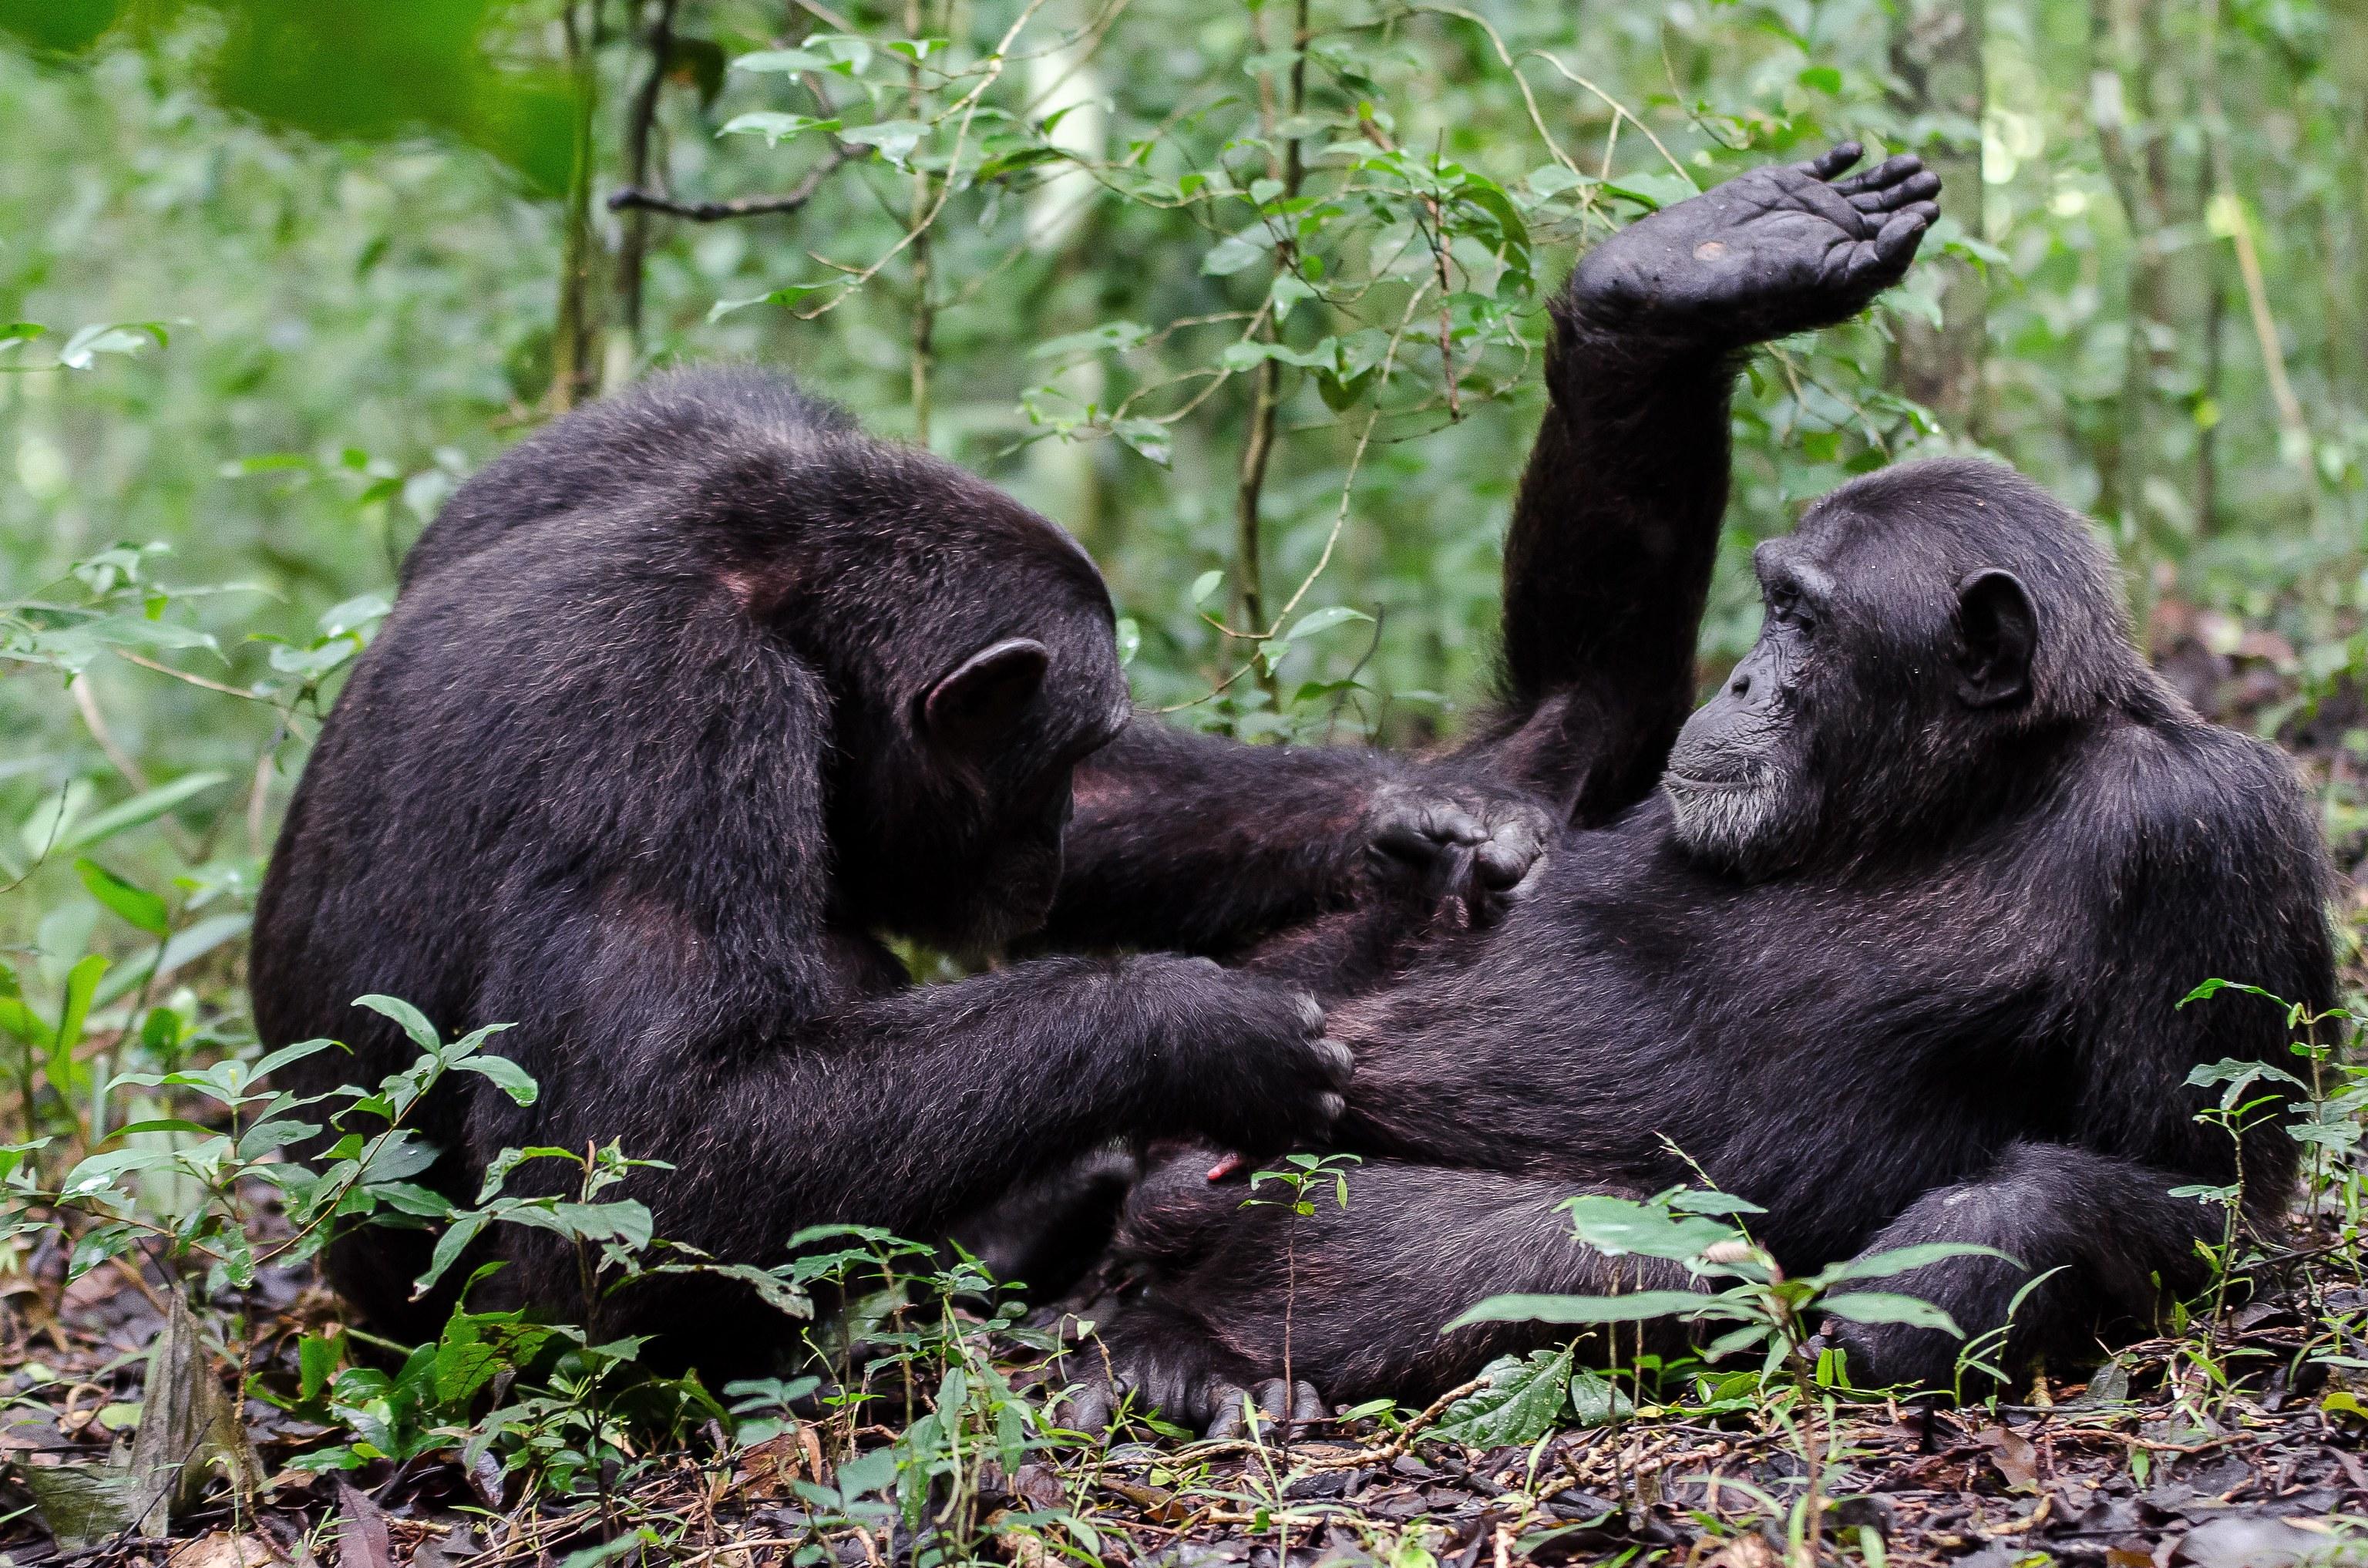 Dos chimpancés acicalándose (grooming)